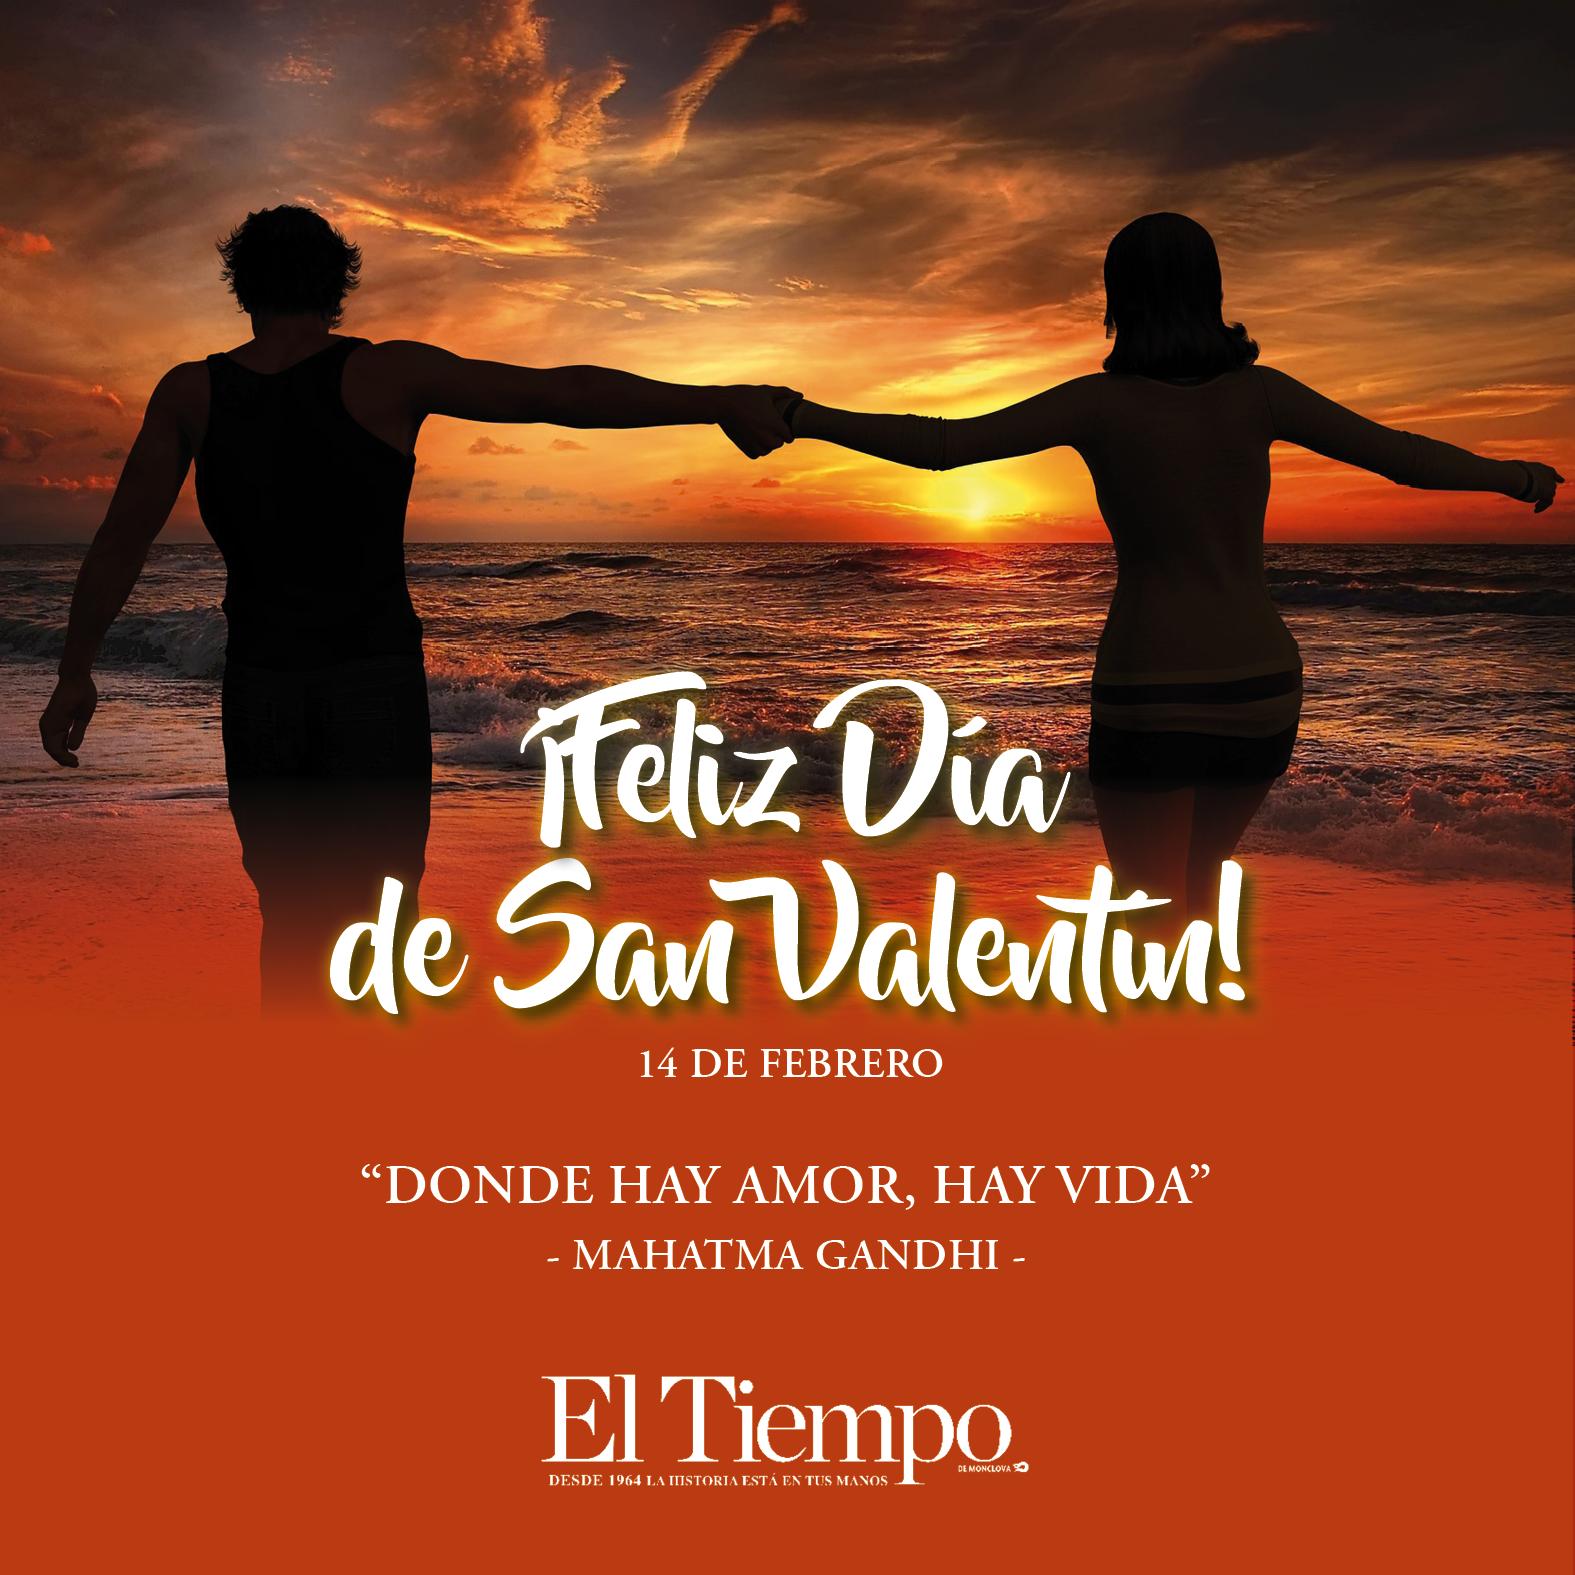 ¿Por qué celebramos el Día de San Valentín el 14 de febrero?